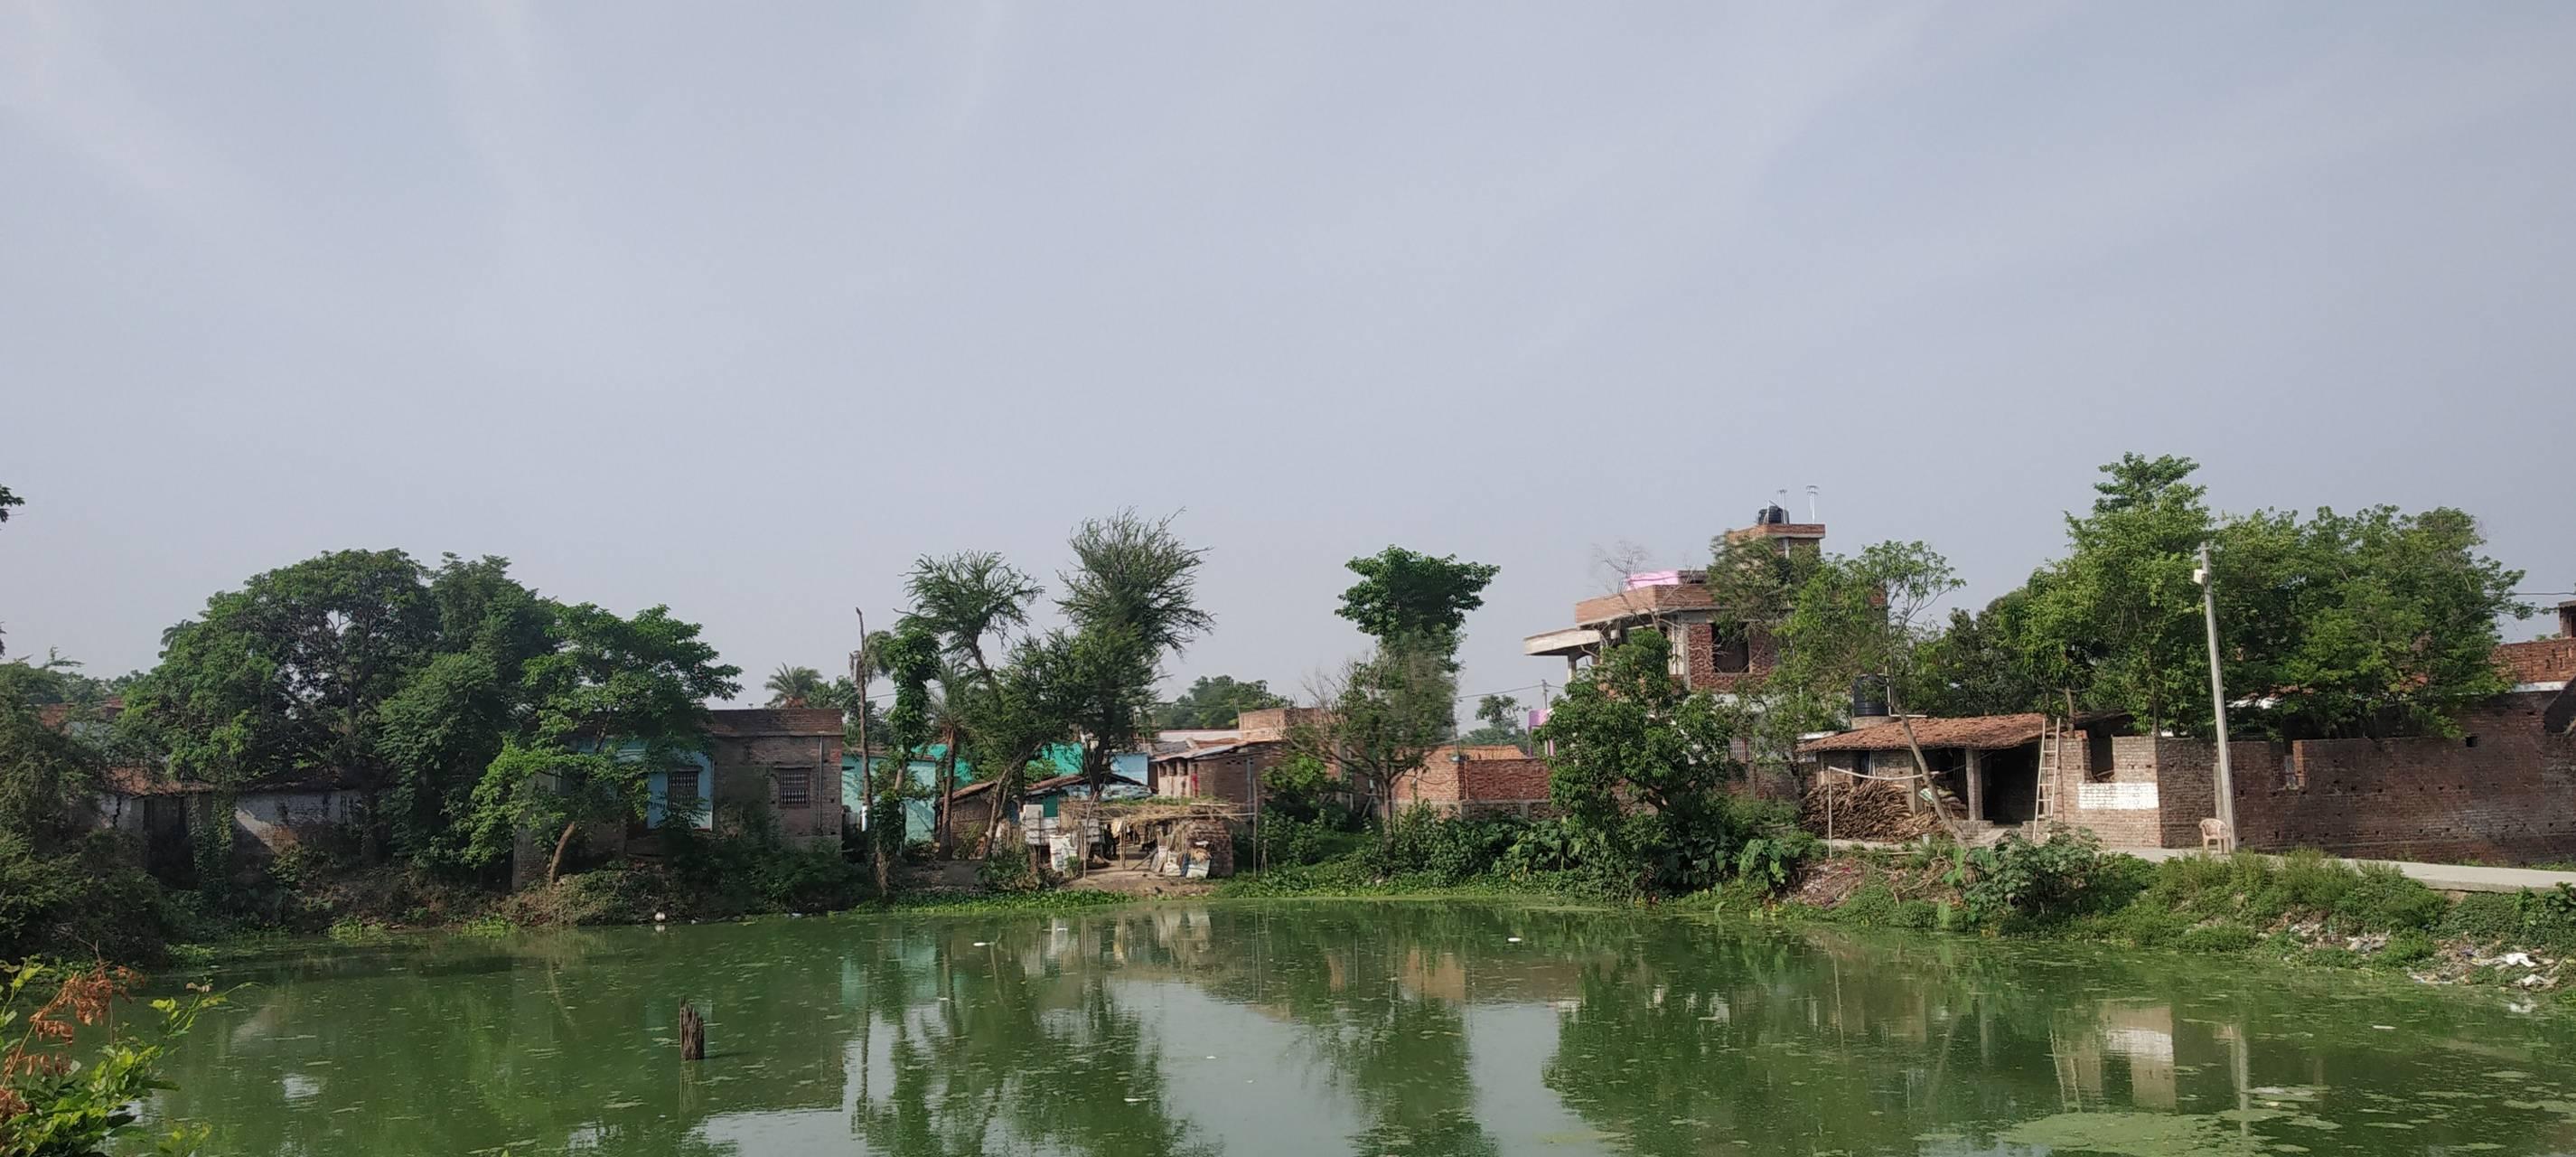 VillagePond